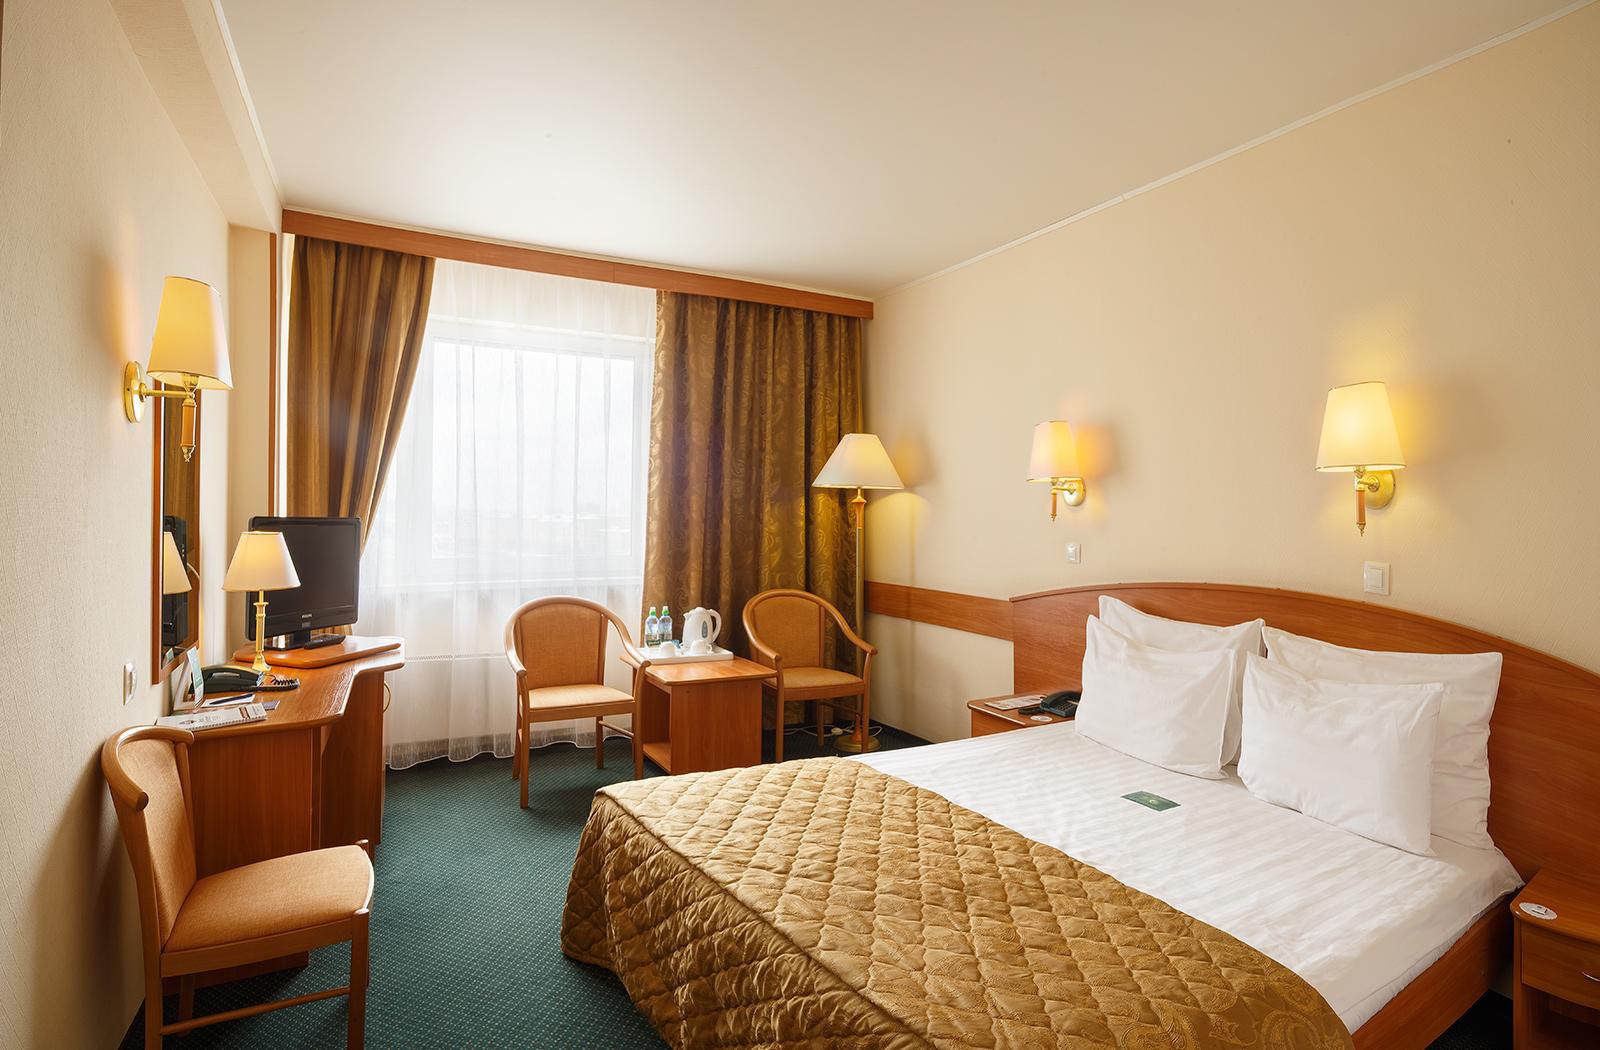 Стандарт двухместный в гостинице Вега